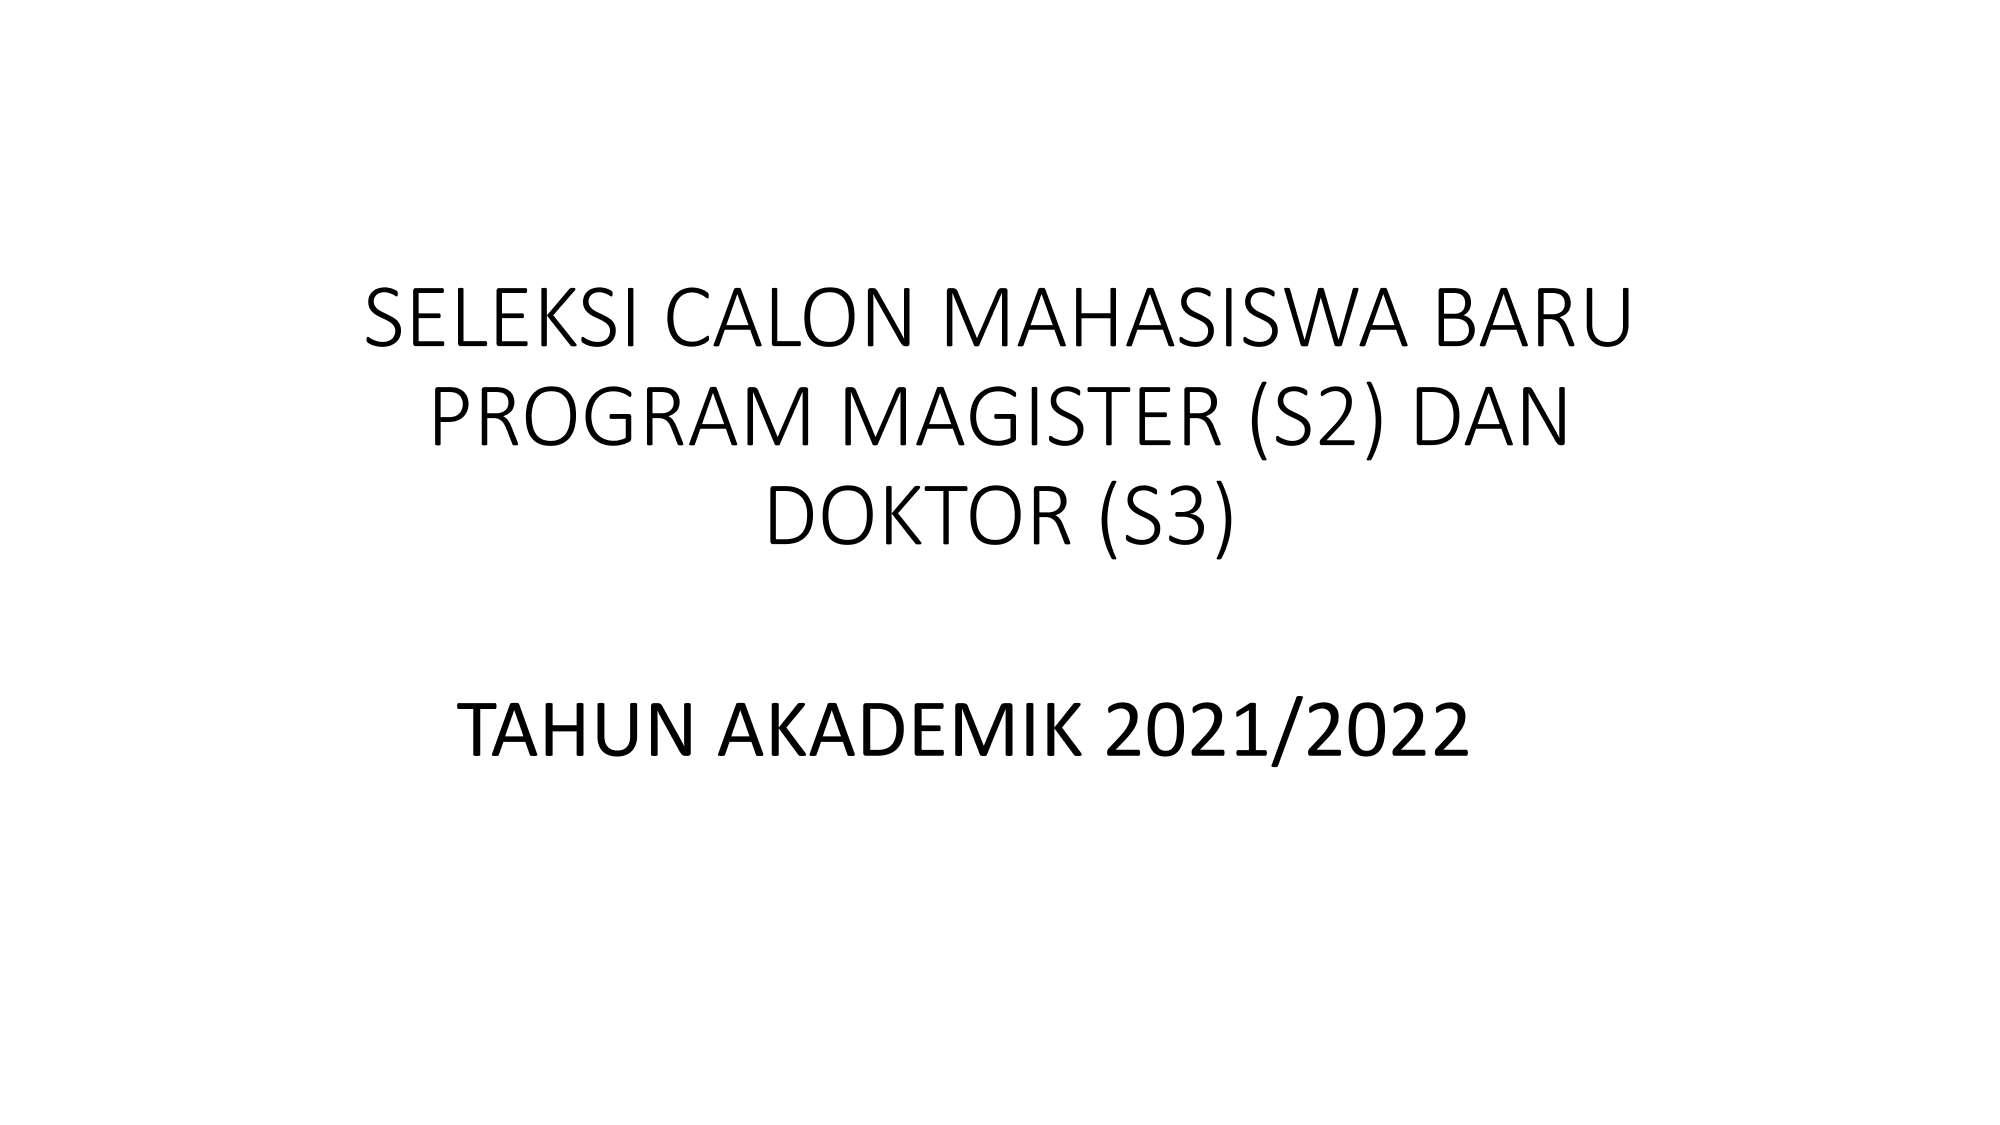 SELEKSI CALON MAHASISWA BARU PROGRAM MAGISTER DOKTOR 2021